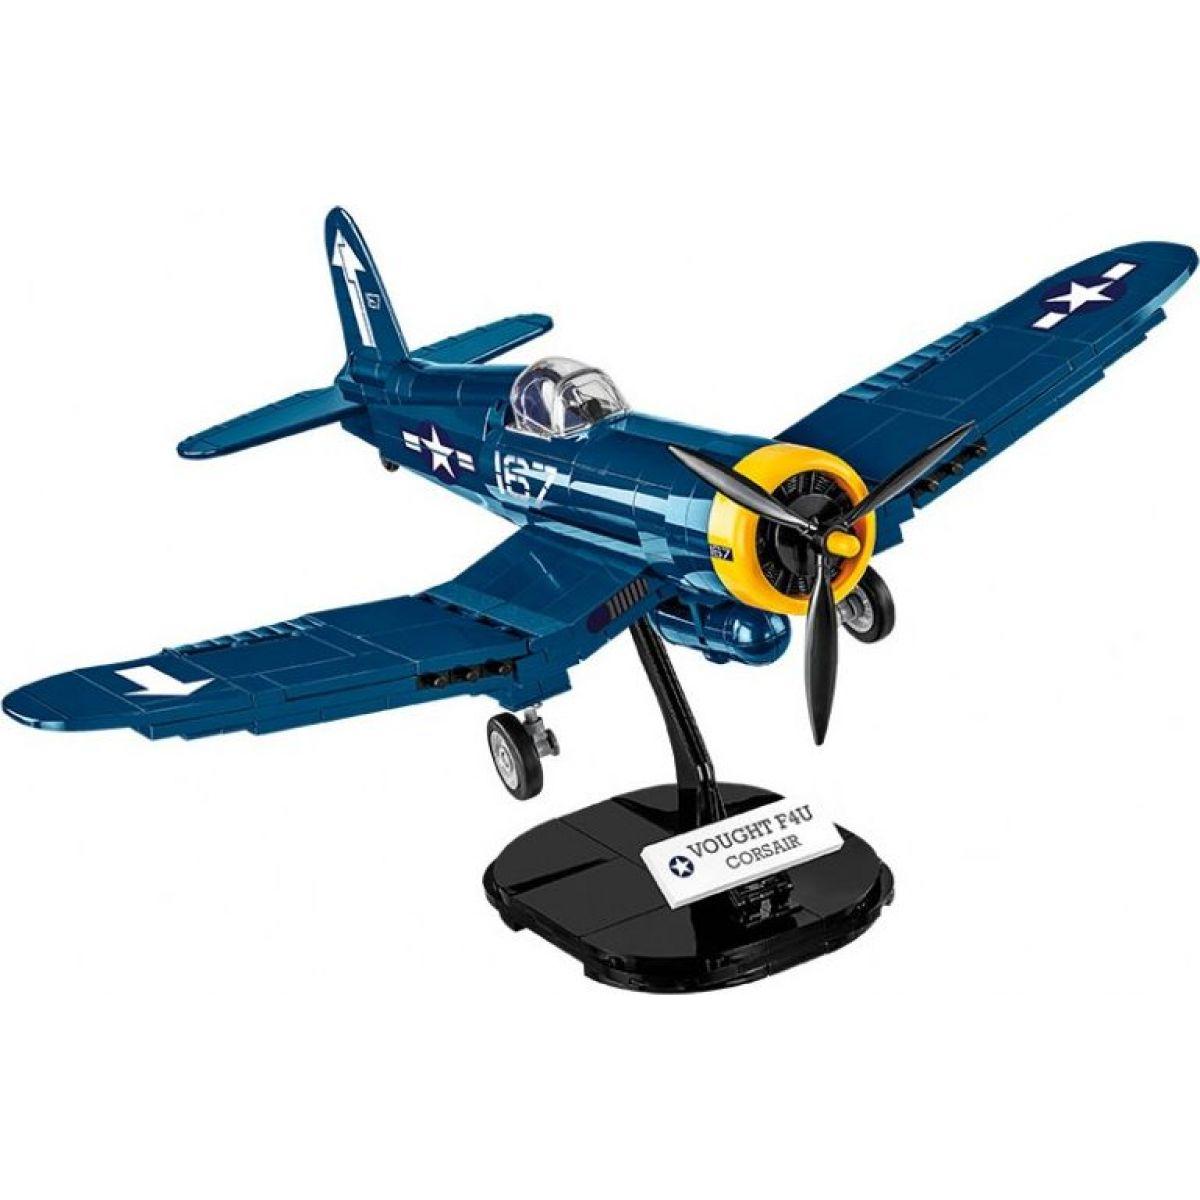 Cobi Malá armáda 5714 World War II F4U Corsair